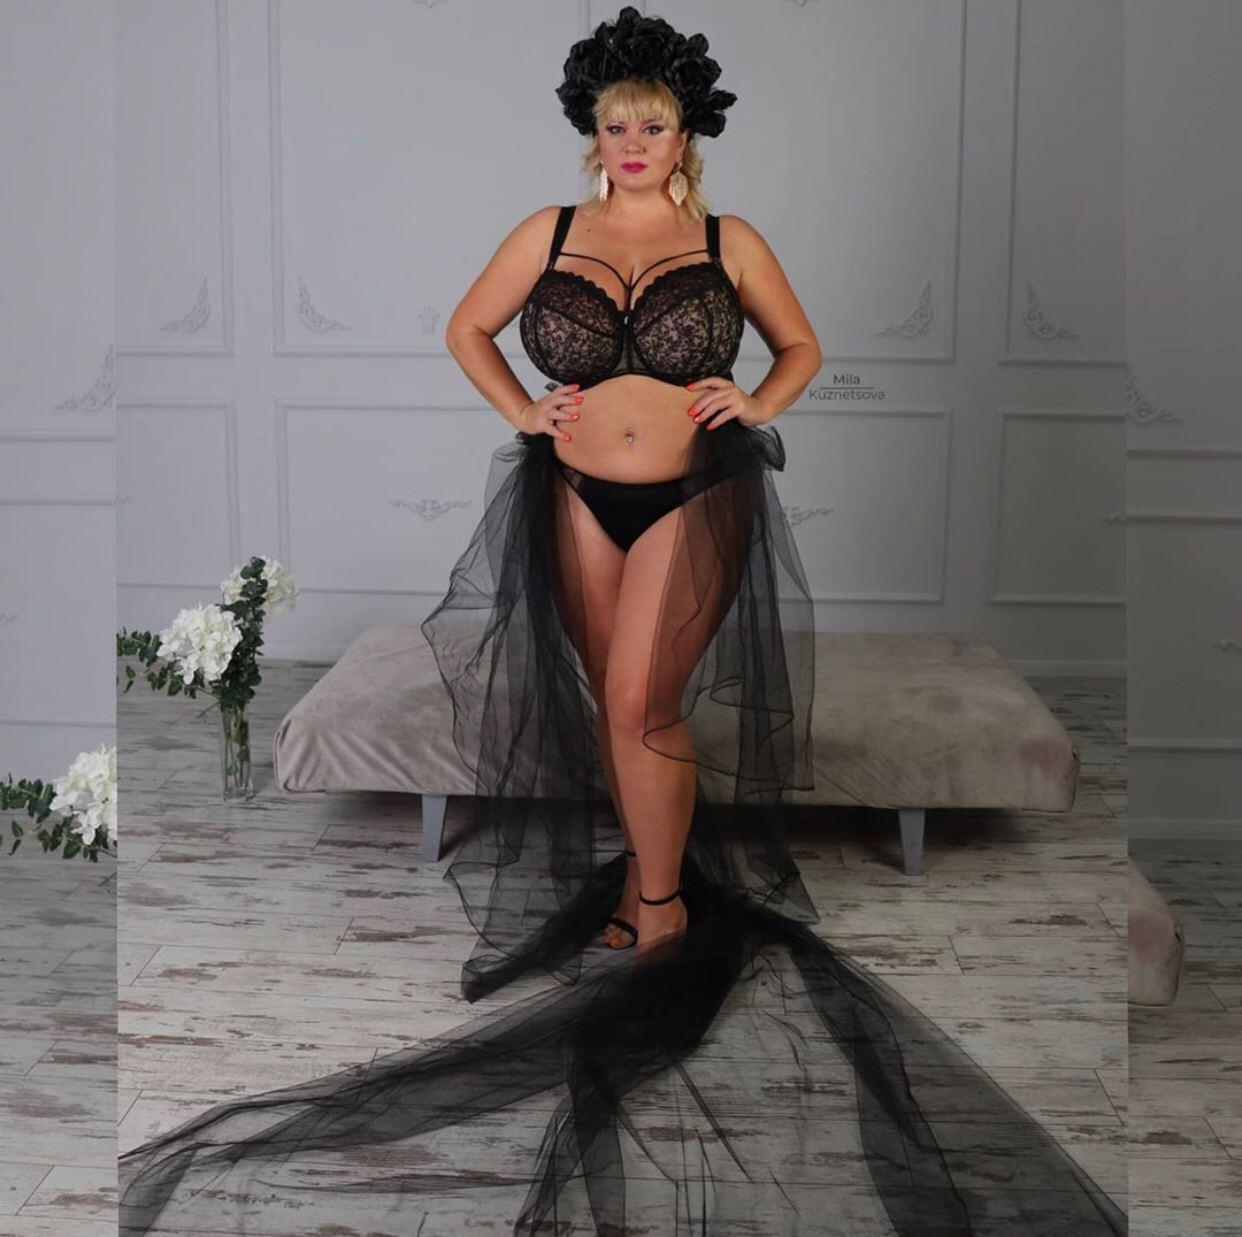 Модель с 13-м размером груди показала пикантные фото в белье